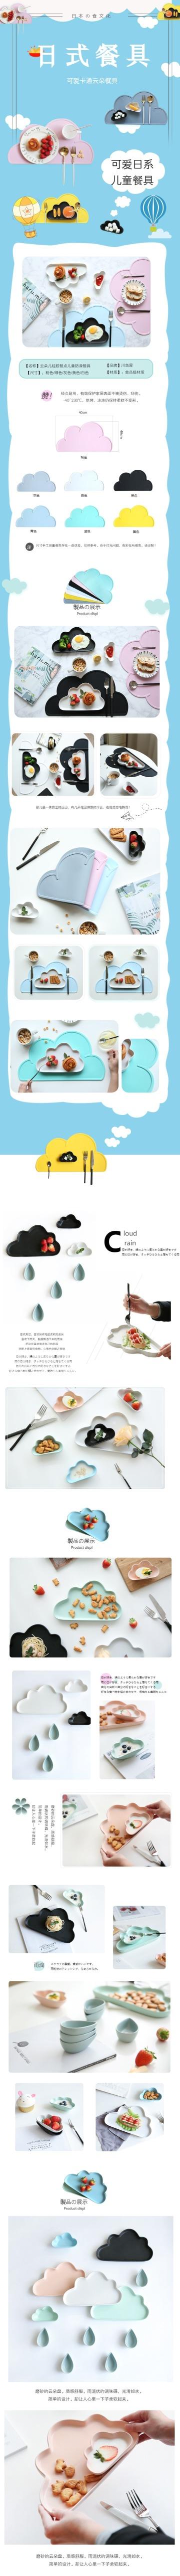 卡通手绘百货零售家居生活日式儿童餐具促销电商详情页